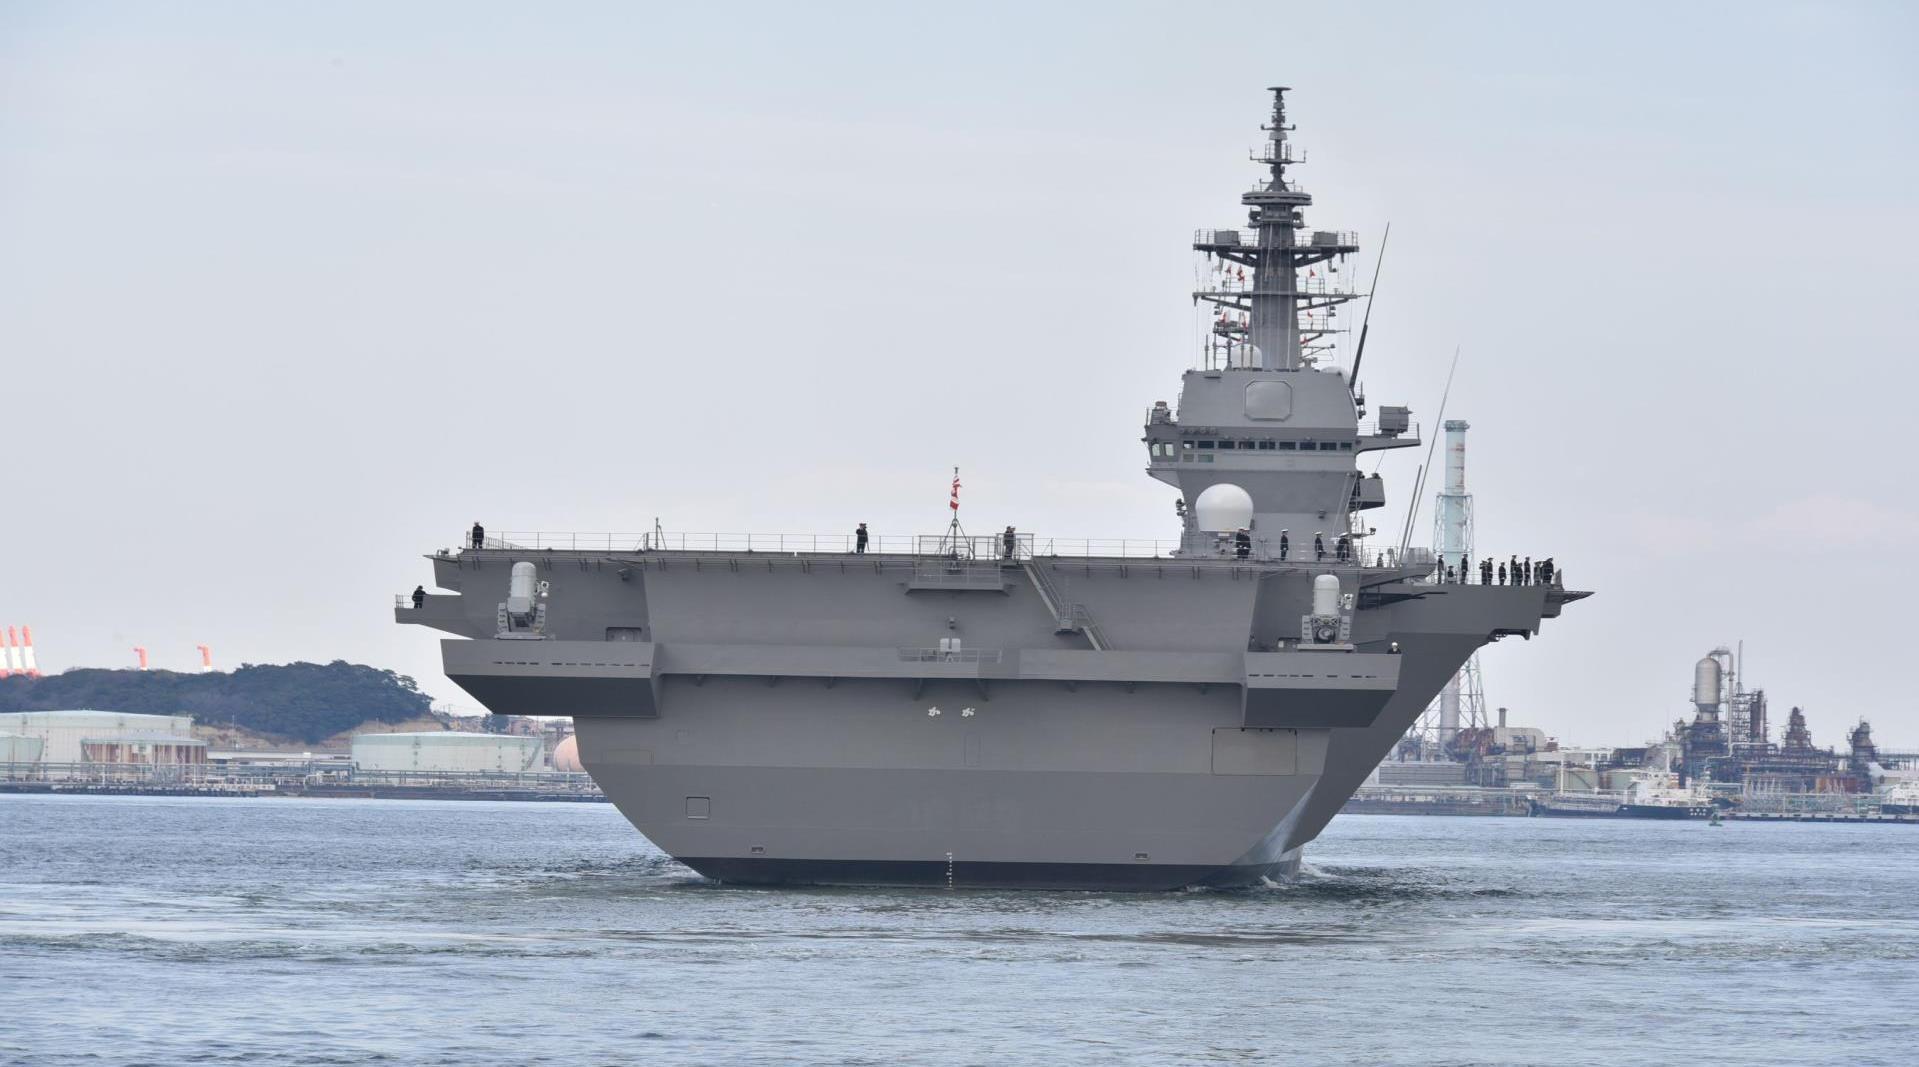 示好中国果然是幌子,菅义伟致命意图公开,大批战舰紧急赶赴南海